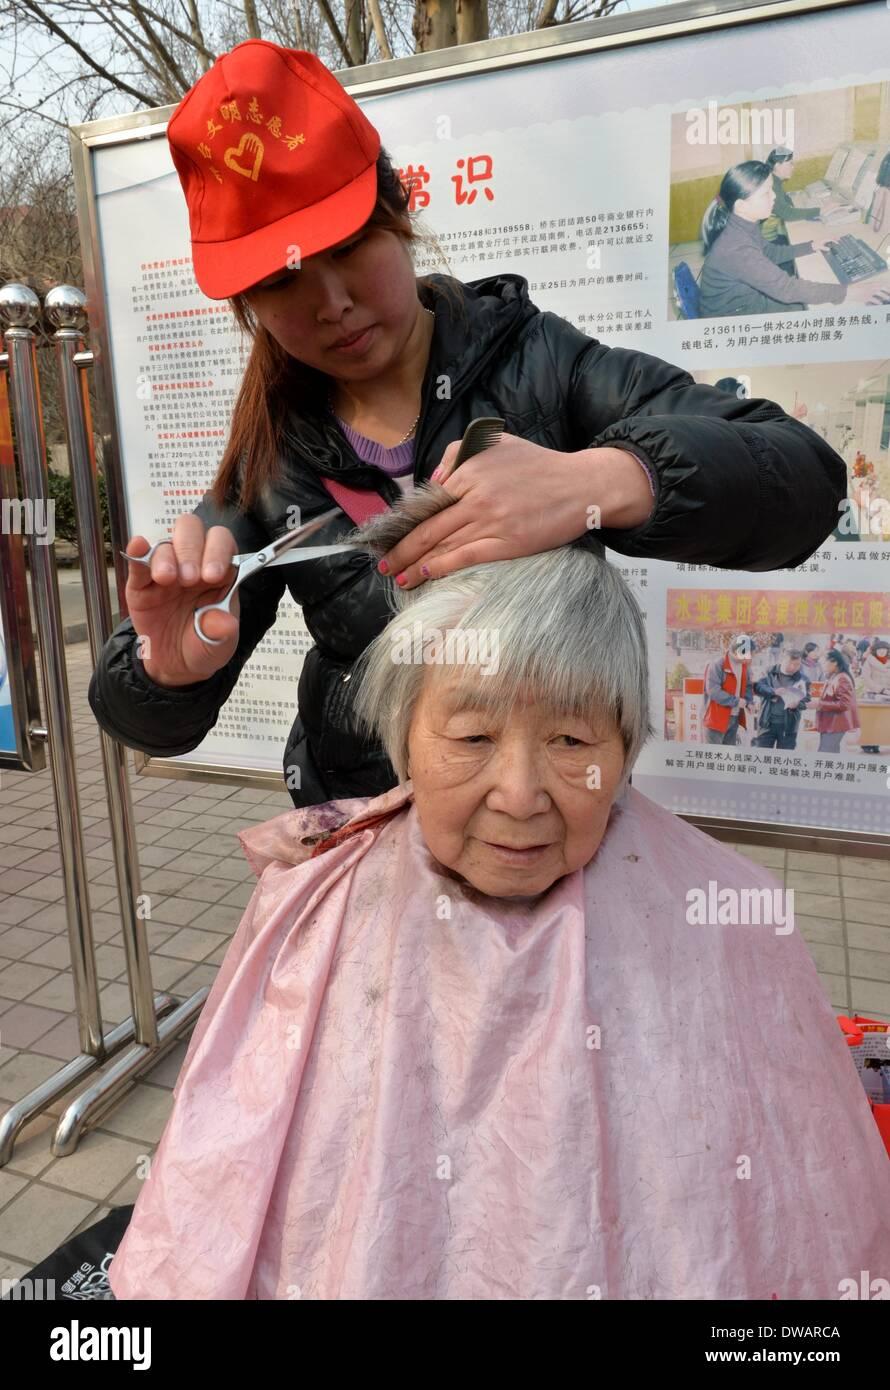 """Xingtai, soldato cinese negli anni sessanta. Il 15 agosto, 1962. Un volontario offre gratuitamente il servizio di acconciatura per una vecchia donna in Xingtai, città del nord della Cina nella provincia di Hebei, 5 marzo 2014, in occasione della """"Lei Feng's Day"""", che cade il 5 marzo di ogni anno. Lei, un giovane soldato cinese negli anni sessanta, è noto per aver dedicato quasi tutto il suo tempo di ricambio e denaro per aiutare disinteressatamente i bisognosi. Egli è morto dopo essere stato colpito da una caduta di pole mentre aiutando un compagno soldato dirigere un carrello su 15 Agosto 1962. Credito: Zhu Xudong/Xinhua/Alamy Live News Immagini Stock"""